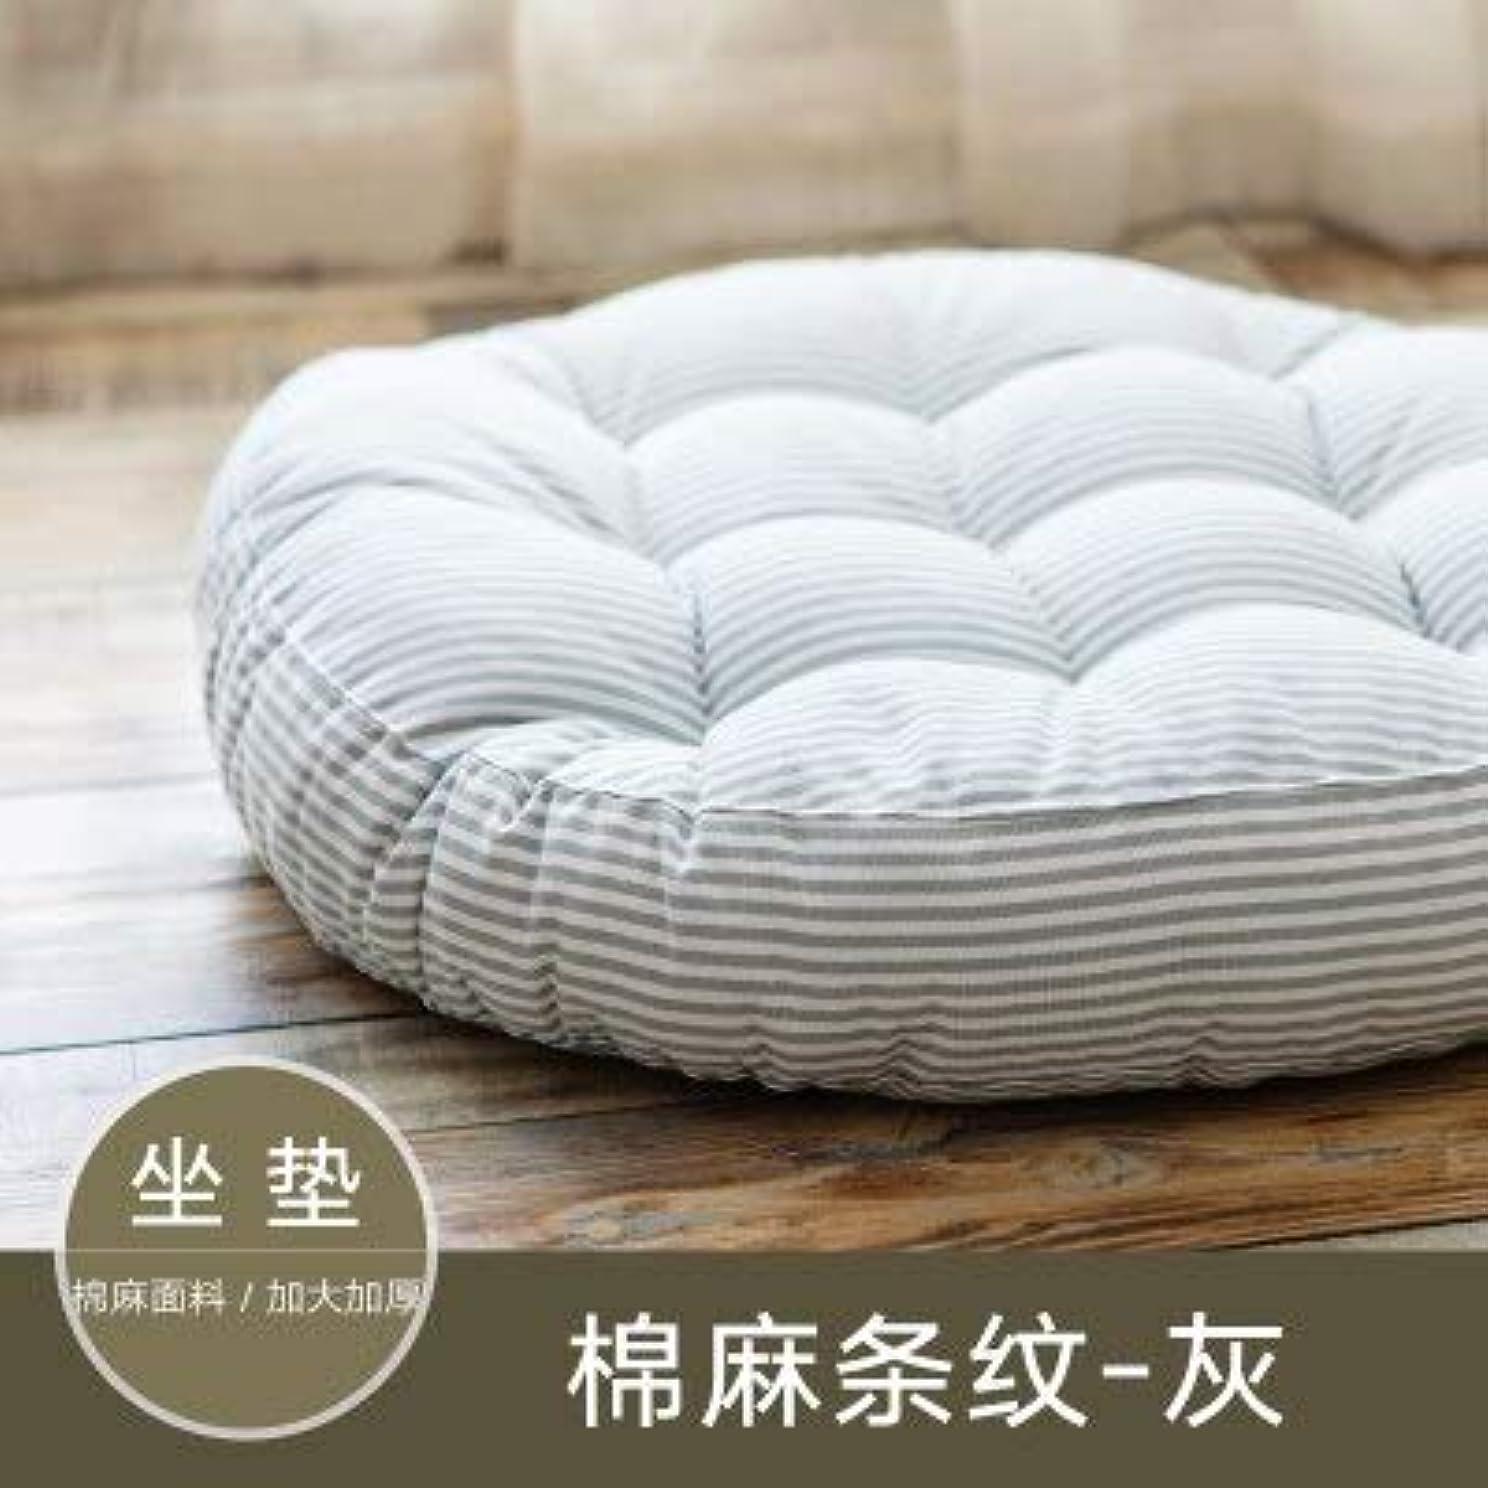 乳製品尊厳意義LIFE ラウンド厚い椅子のクッションフロアマットレスシートパッドソフトホームオフィスチェアクッションマットソフトスロー枕最高品質の床クッション クッション 椅子